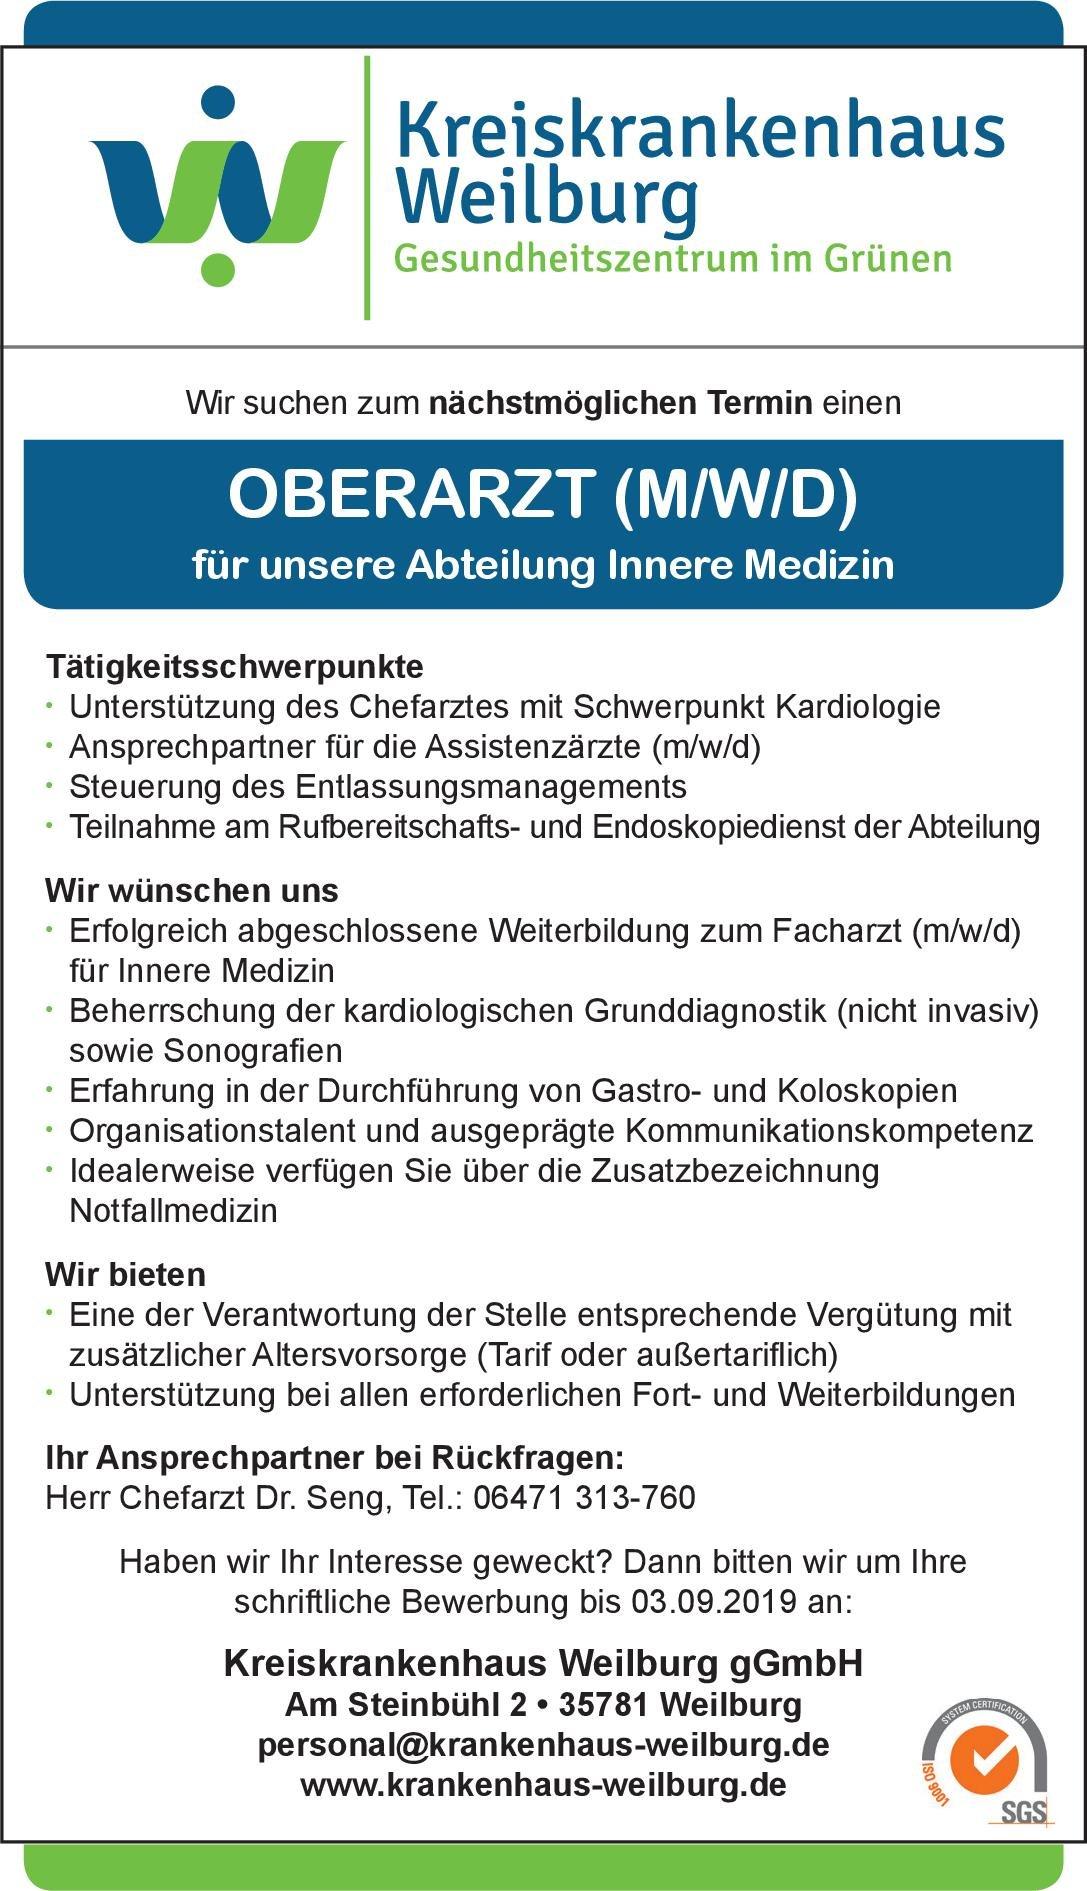 Kreiskrankenhaus Weilburg gGmbH Oberarzt (m/w/d) Innere Medizin  Innere Medizin, Innere Medizin Oberarzt